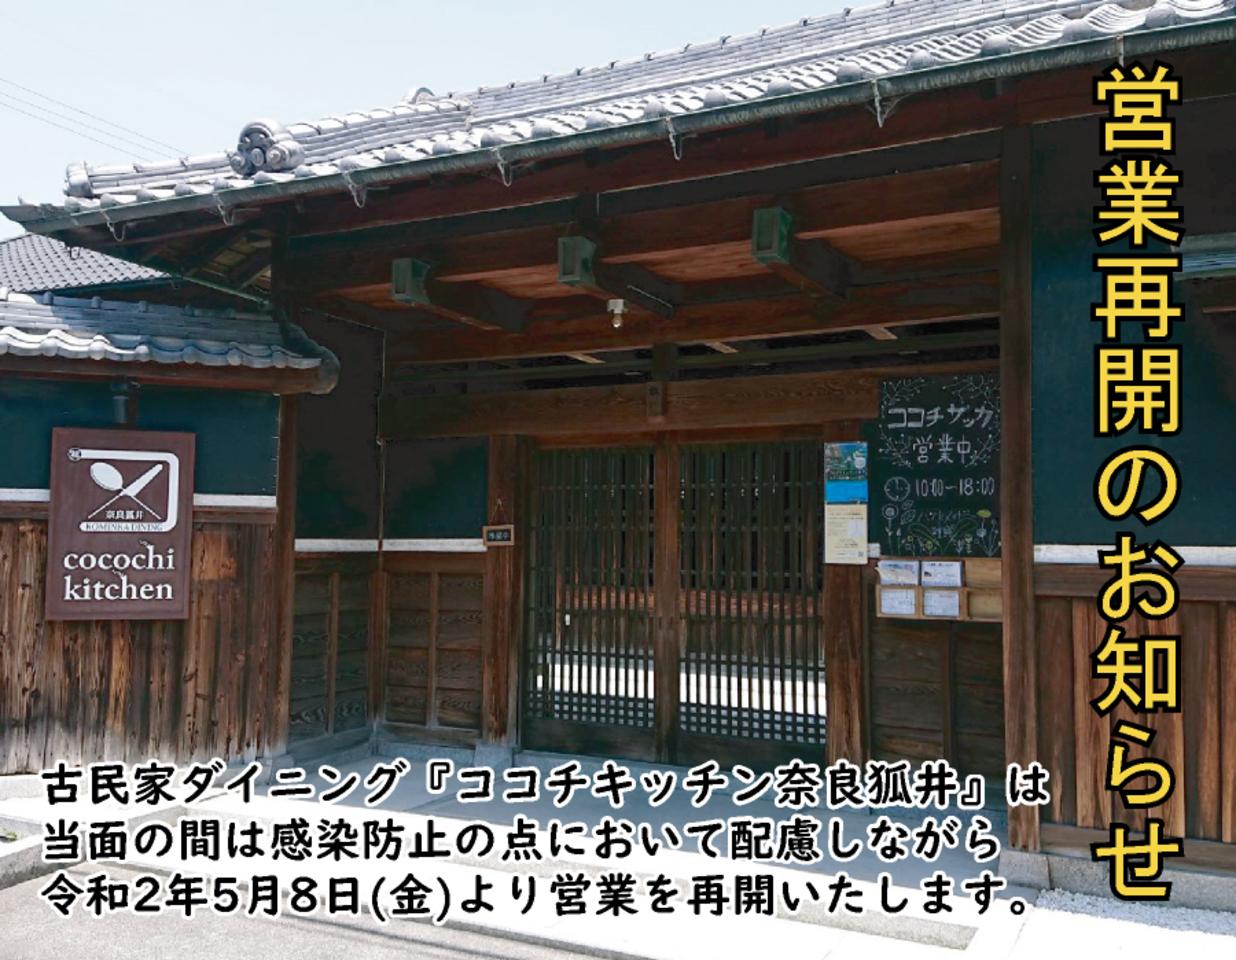 5月8日(金)より営業再開のお知らせ。-ココチキッチン奈良狐井-